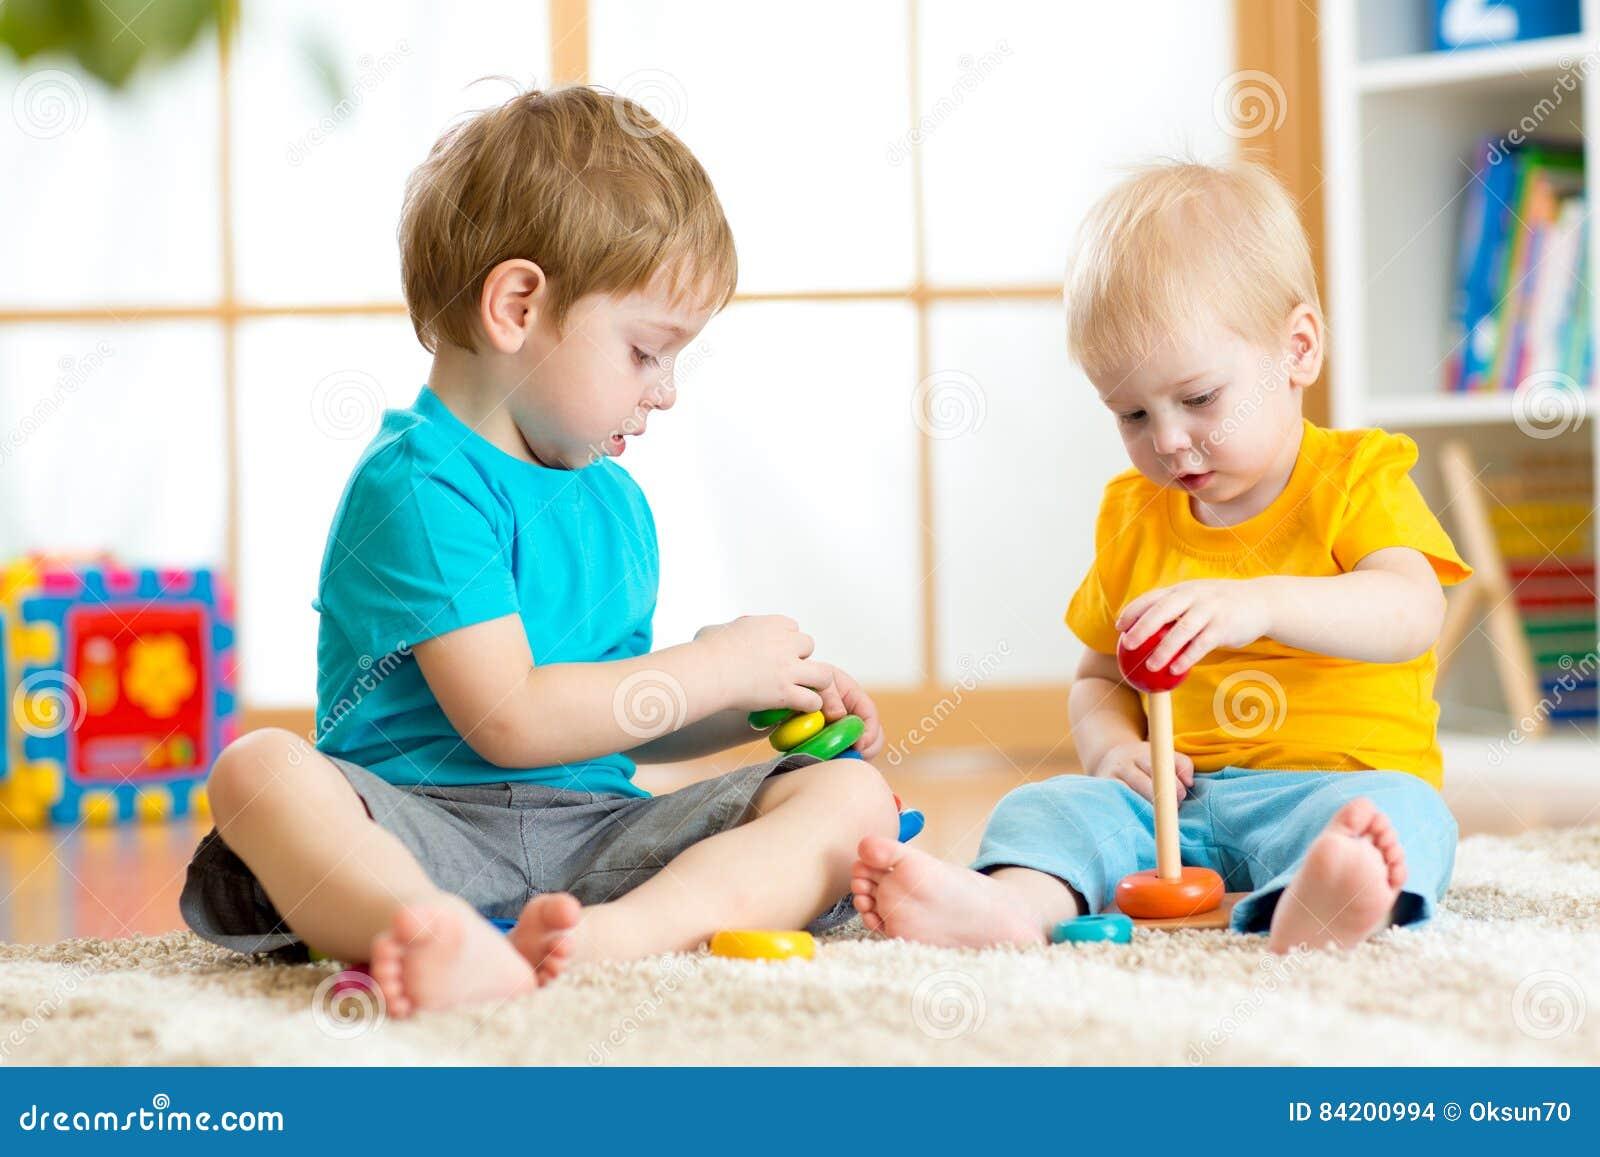 与教育玩具的儿童游戏在幼儿园或幼儿园 小孩孩子和婴孩在家修造金字塔玩具或